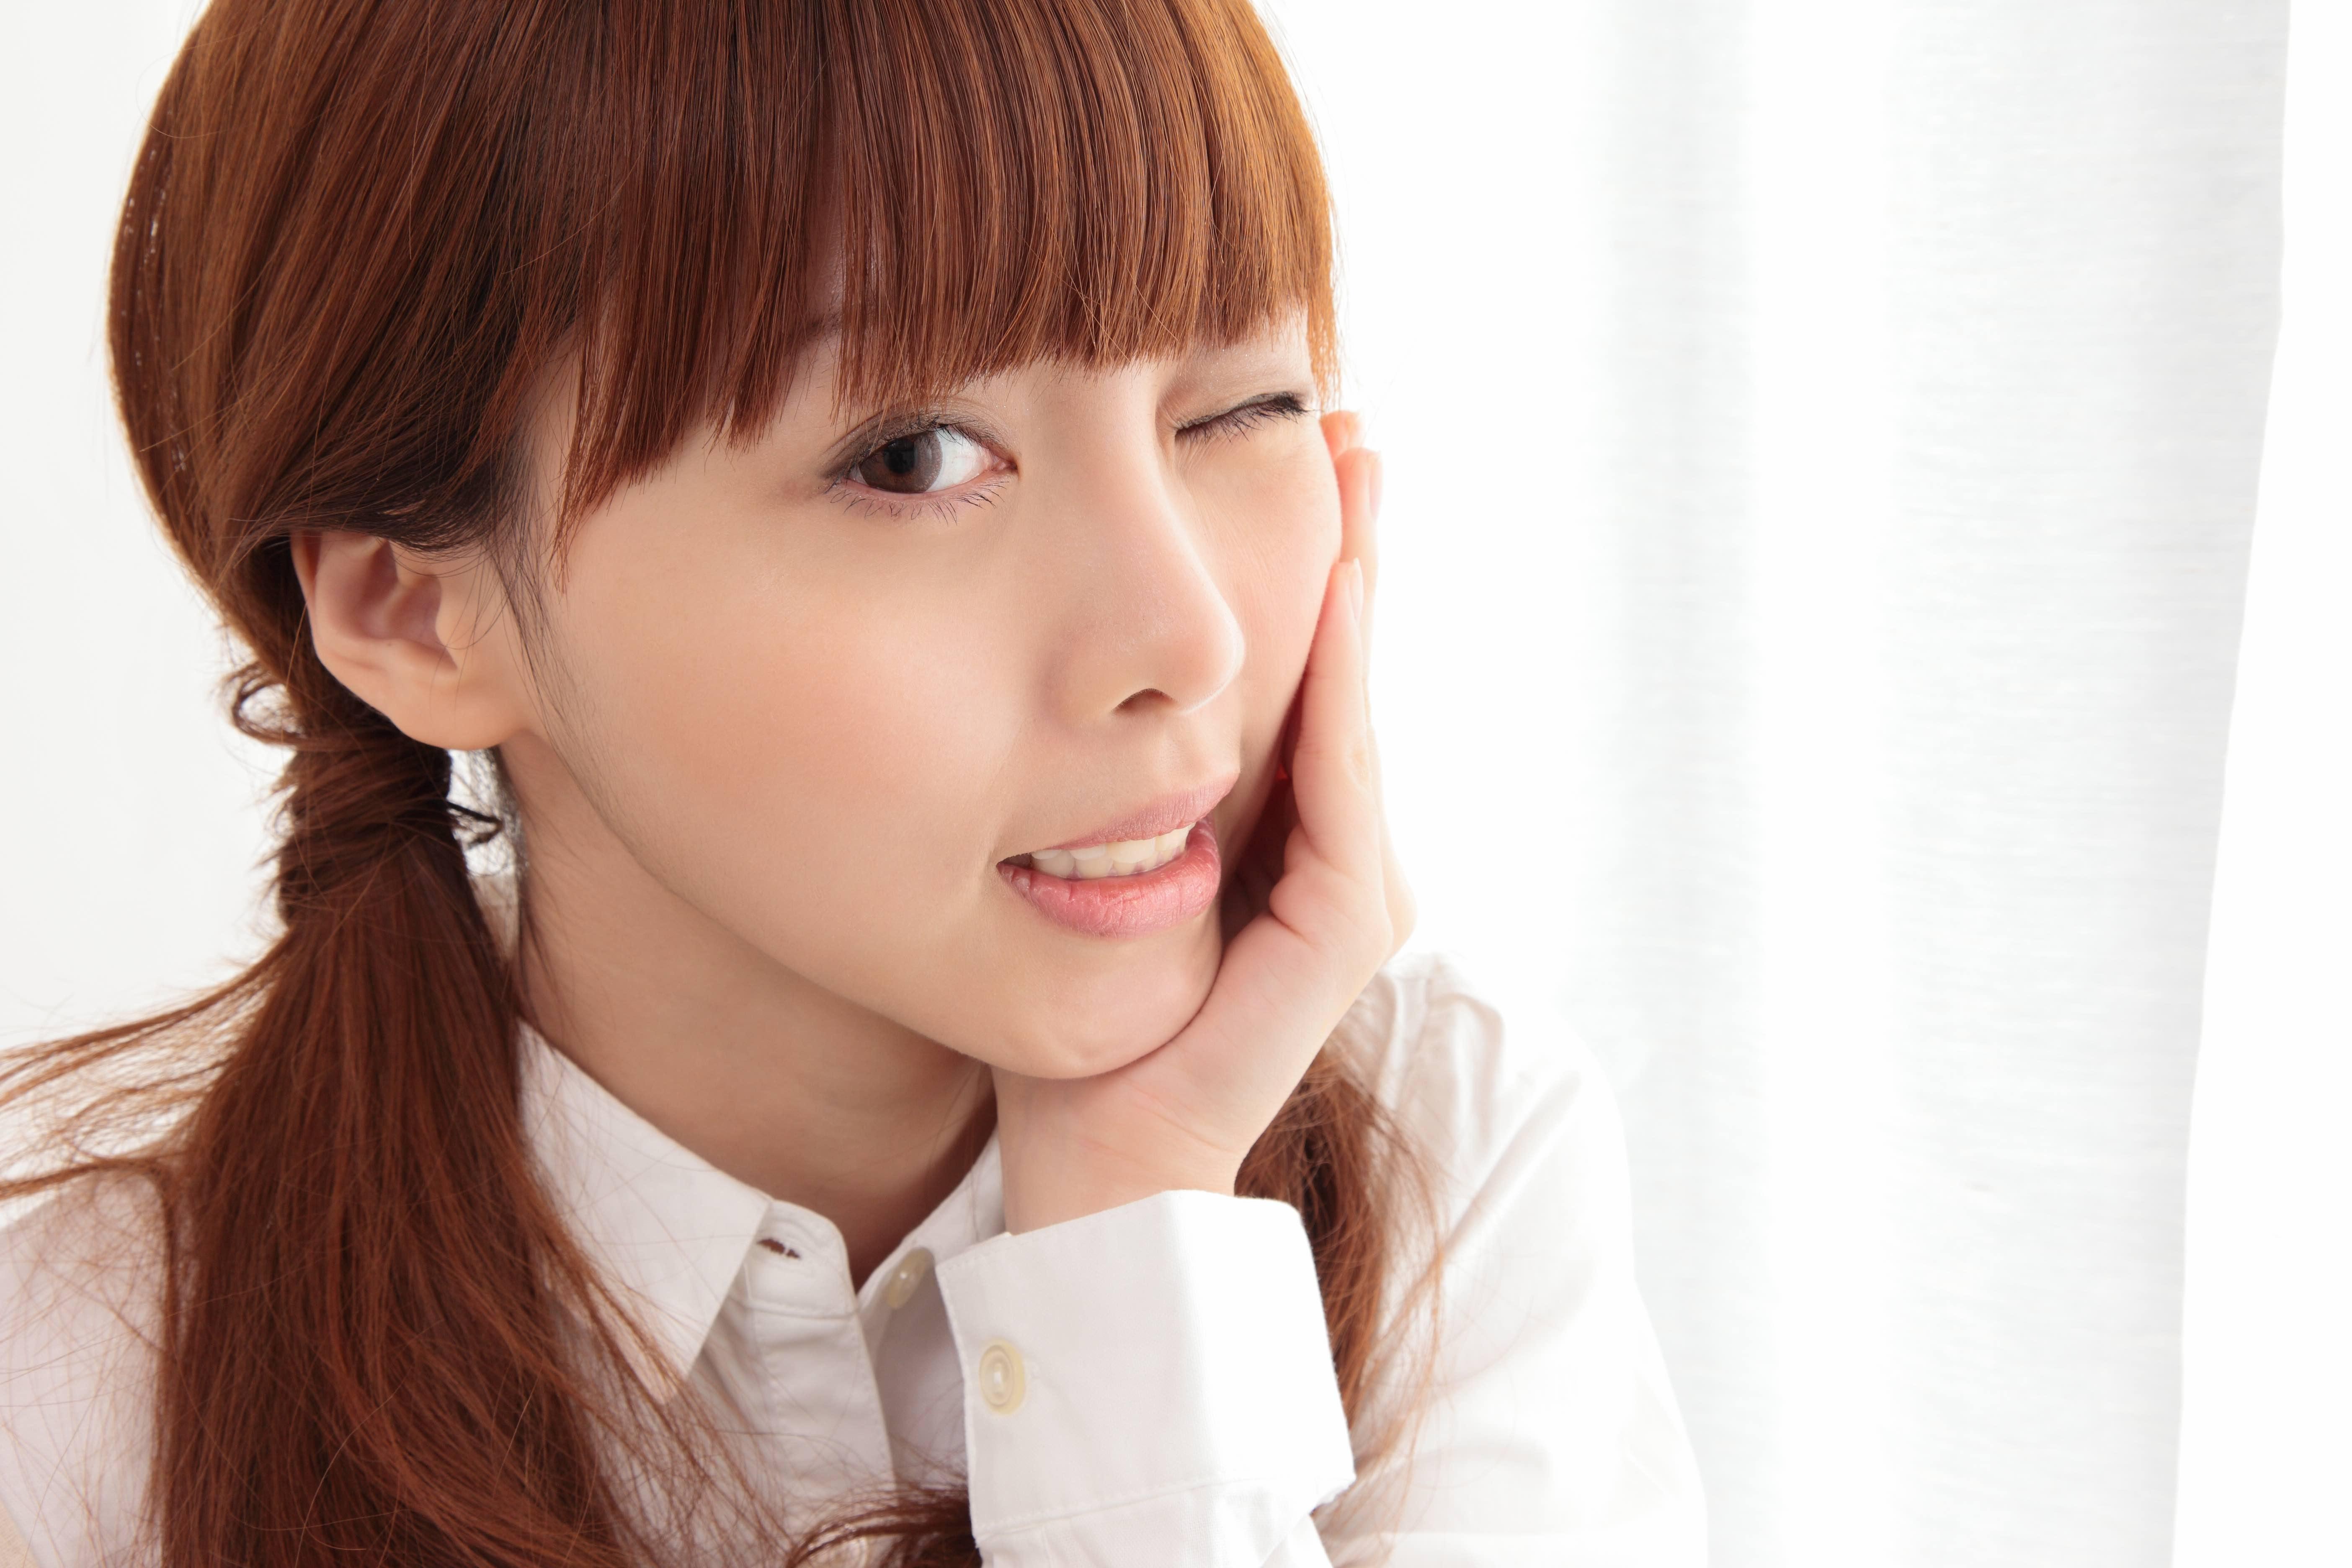 虫歯治療で歯を削ったら逆に歯がしみるようになったのはなぜ?